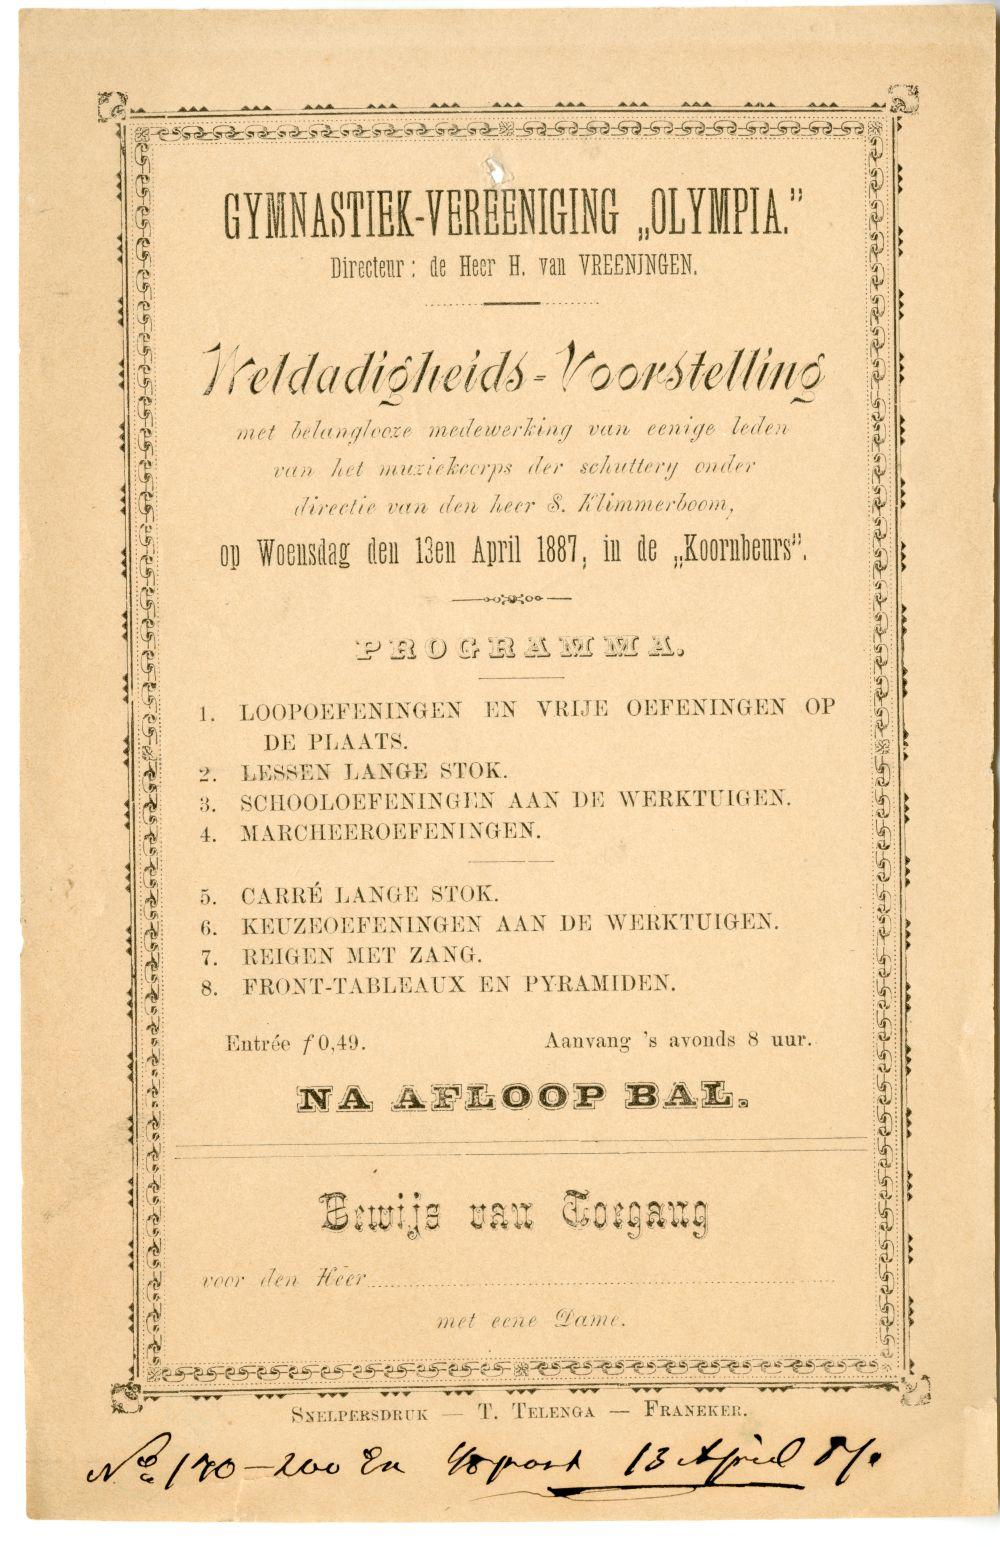 Programma van een uitvoering van de gymnastiekvereniging Olympia